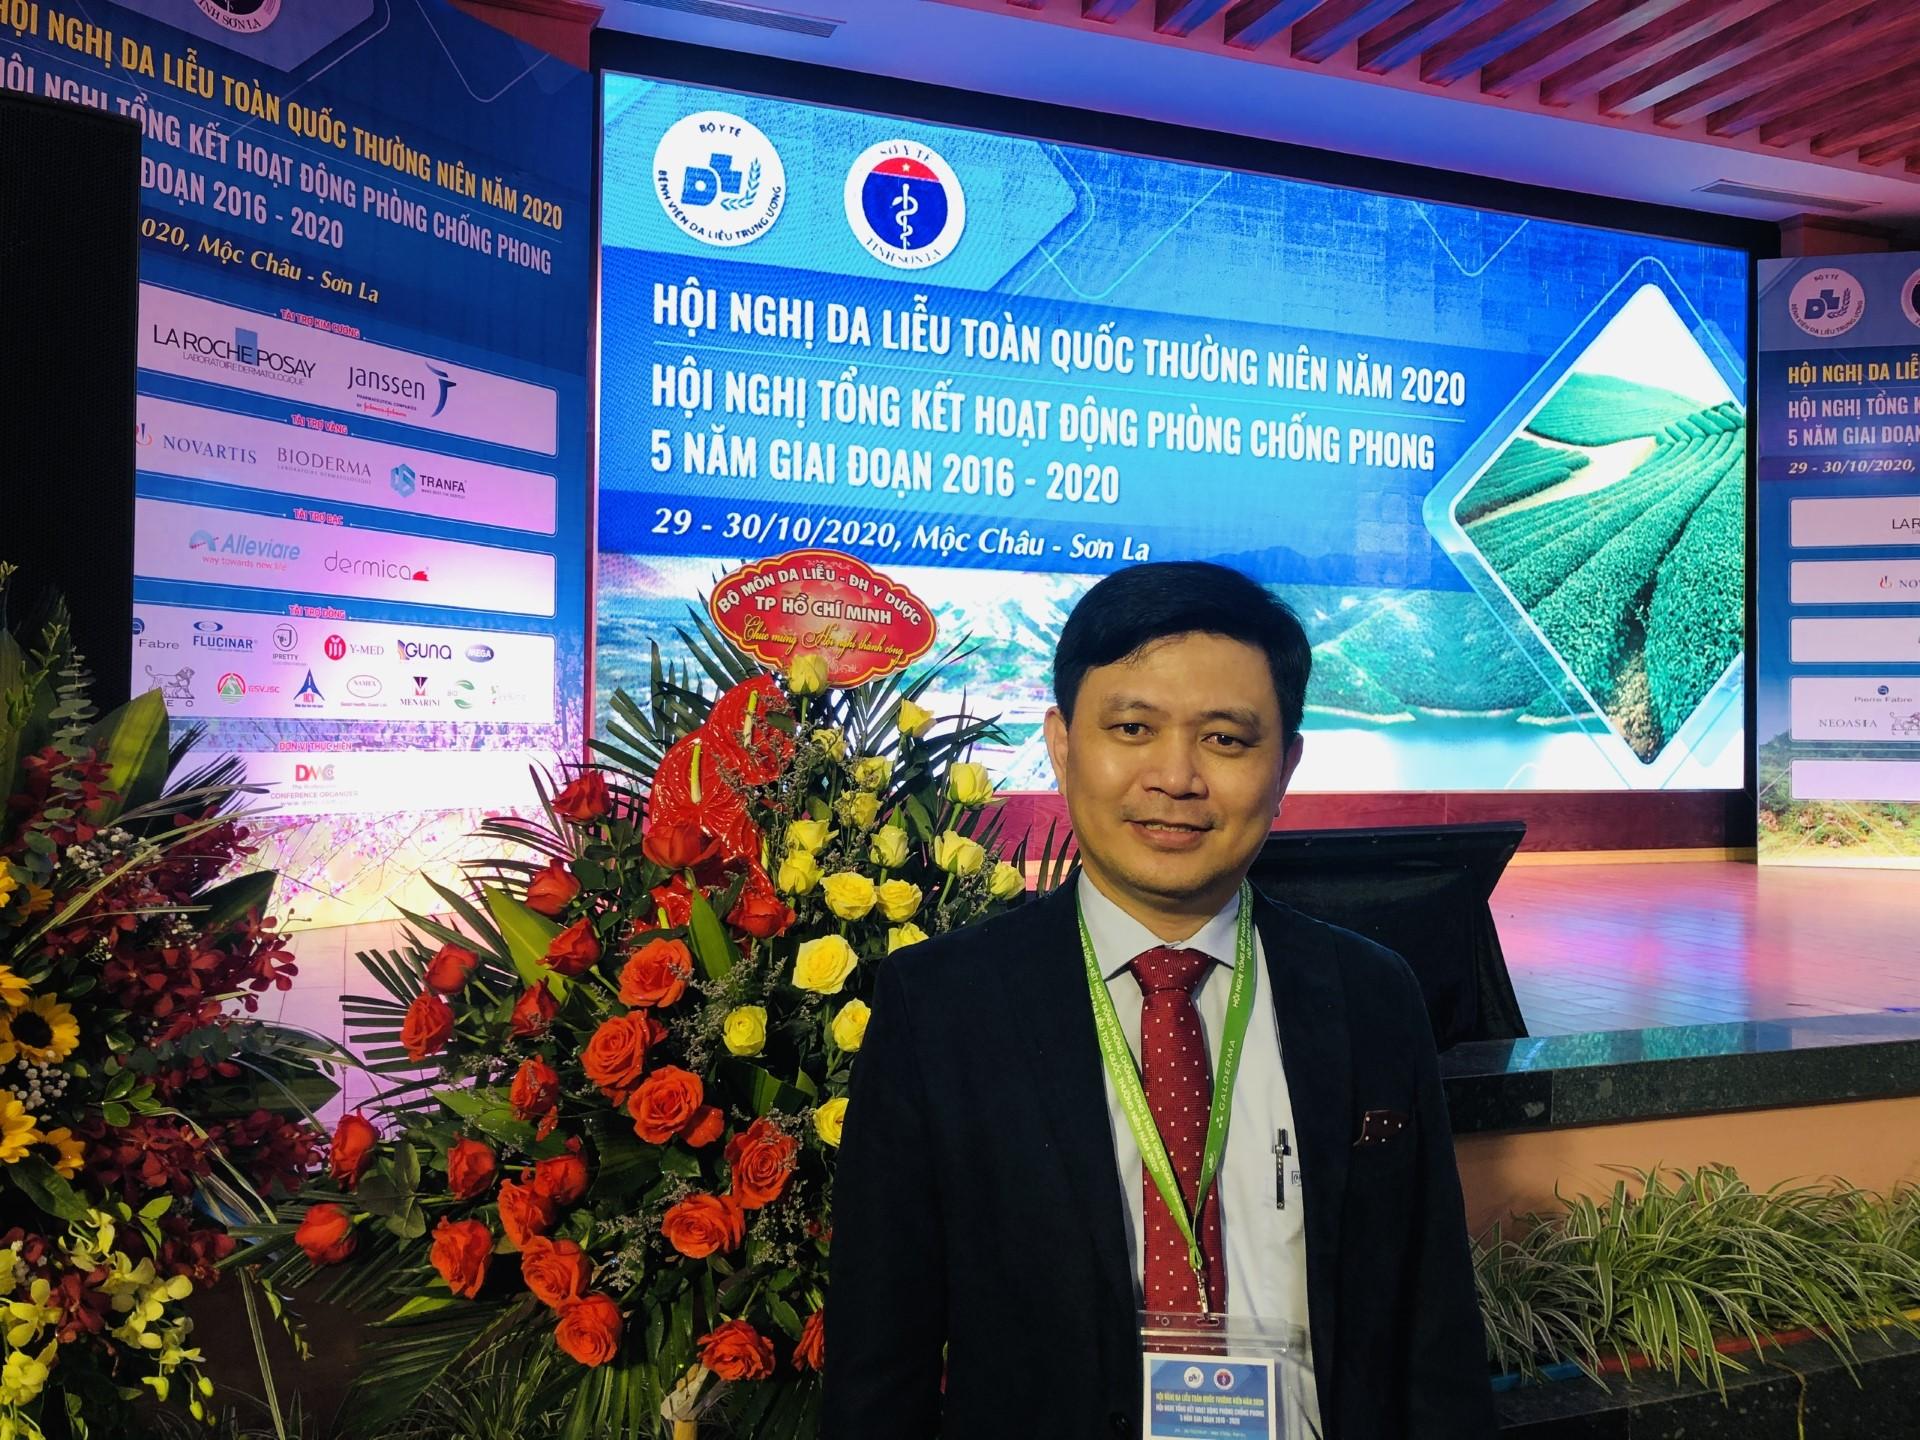 Hội nghị Da liễu toàn quốc thường niên năm 2020 tại Mộc Châu, Sơn La